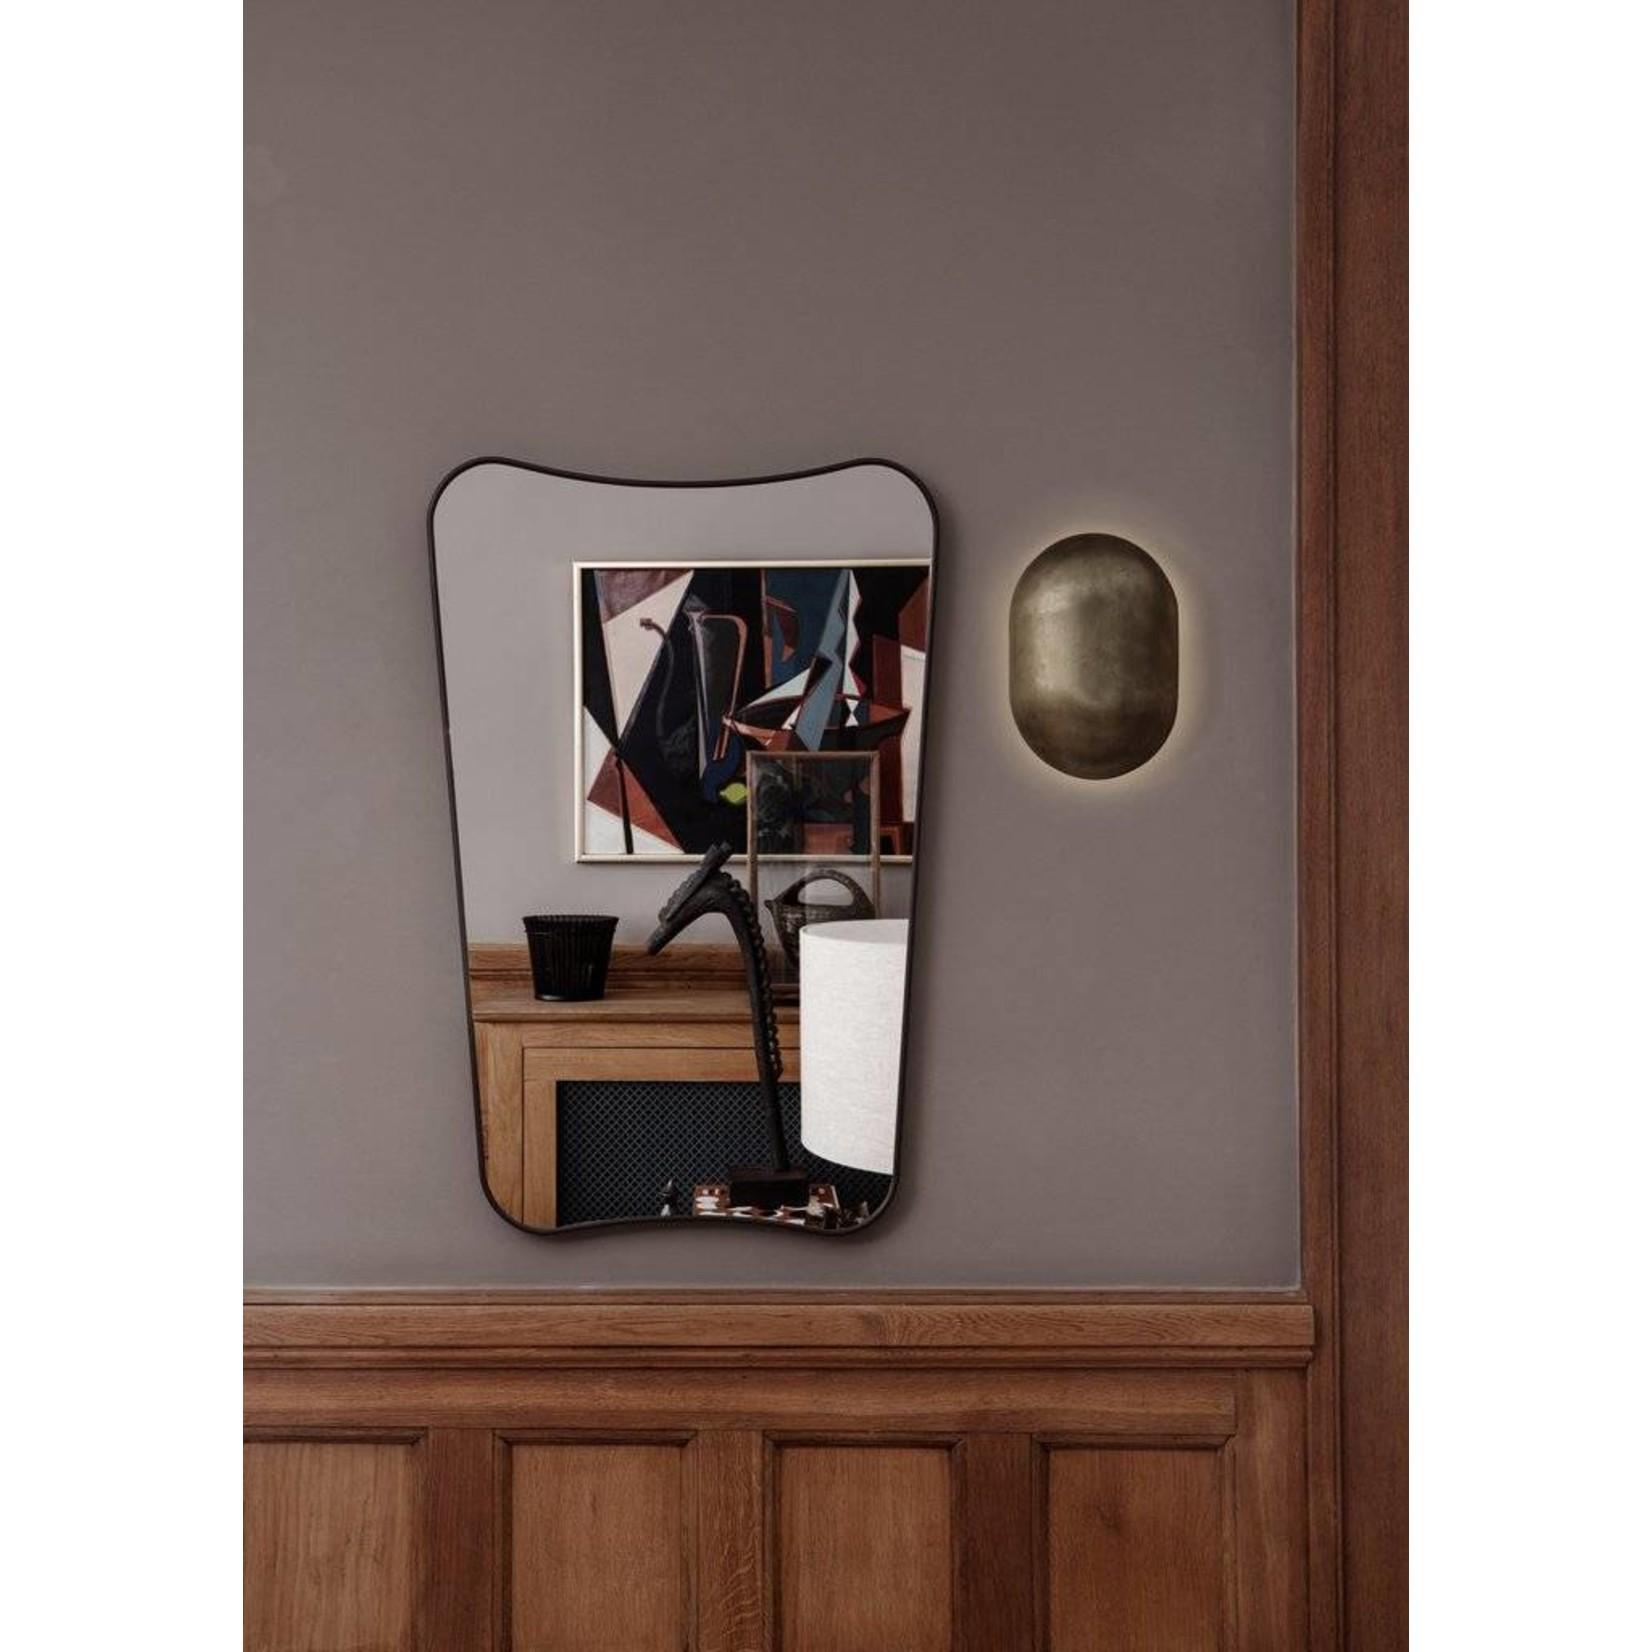 Gubi Miroir mural FA 33 - 54x80 - Laiton noir